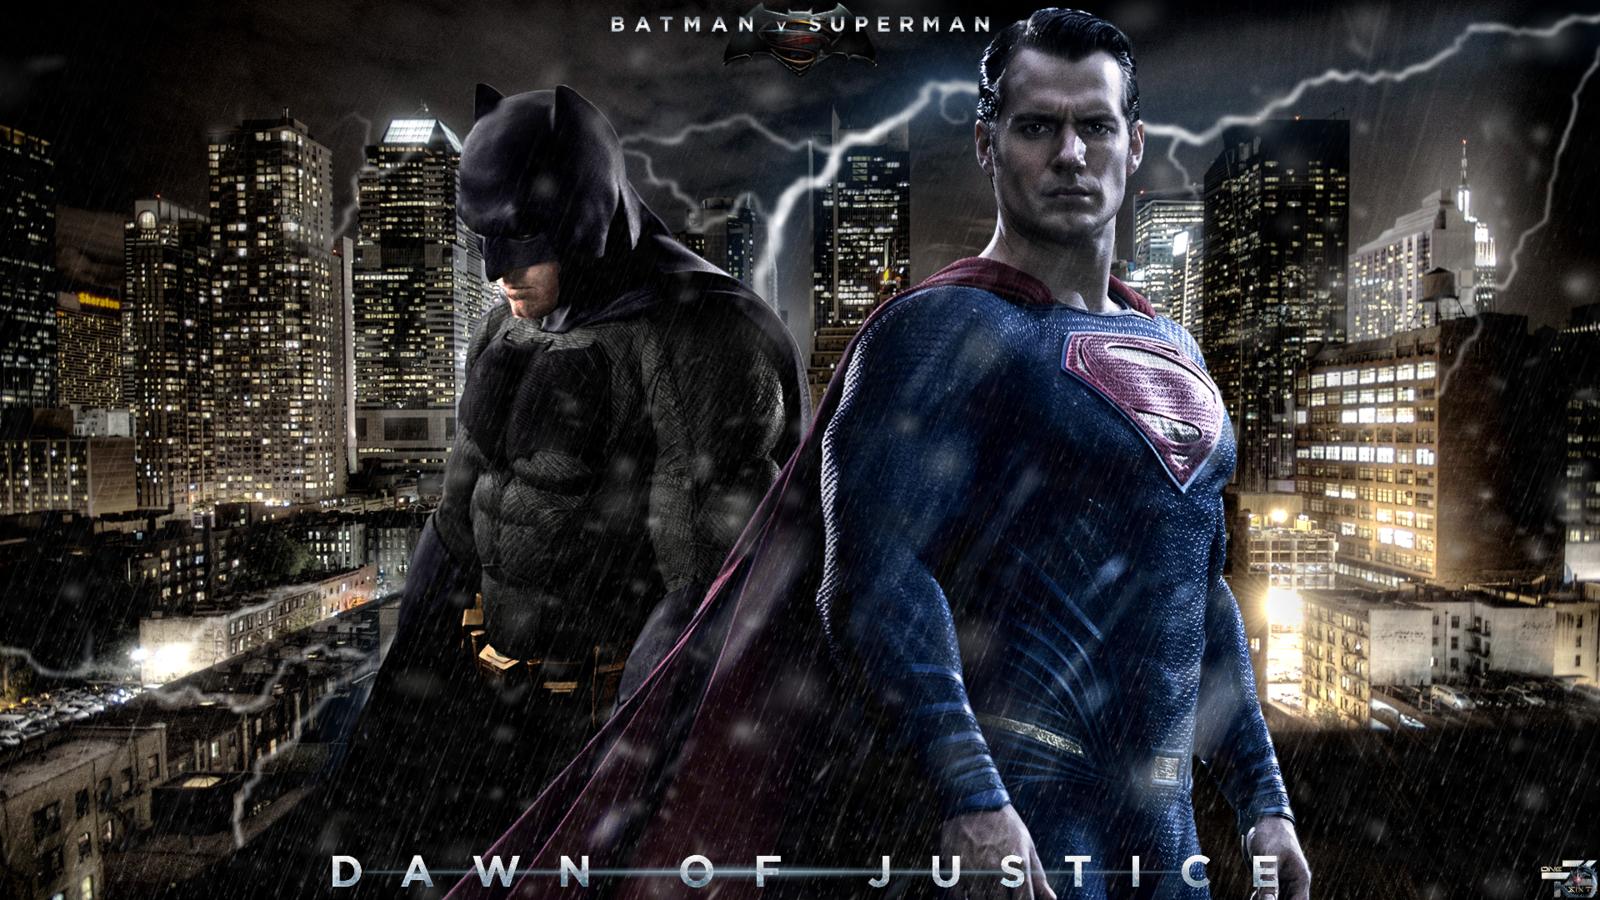 Batman vs superman dawn of justice wallpaper HD HD WALLPAPER WIDE 1600x900